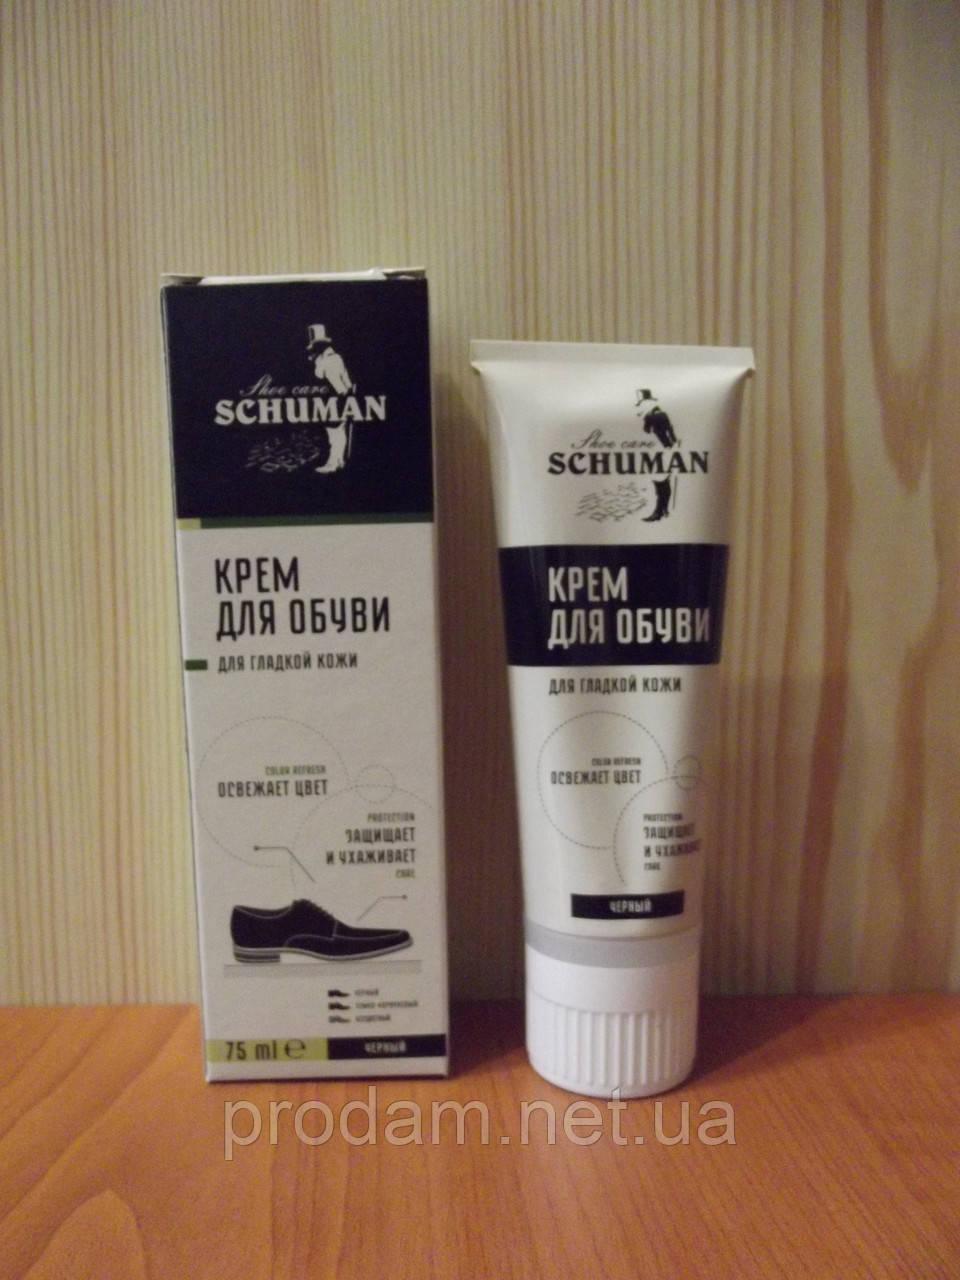 Крем для обуви Schuman коричневый